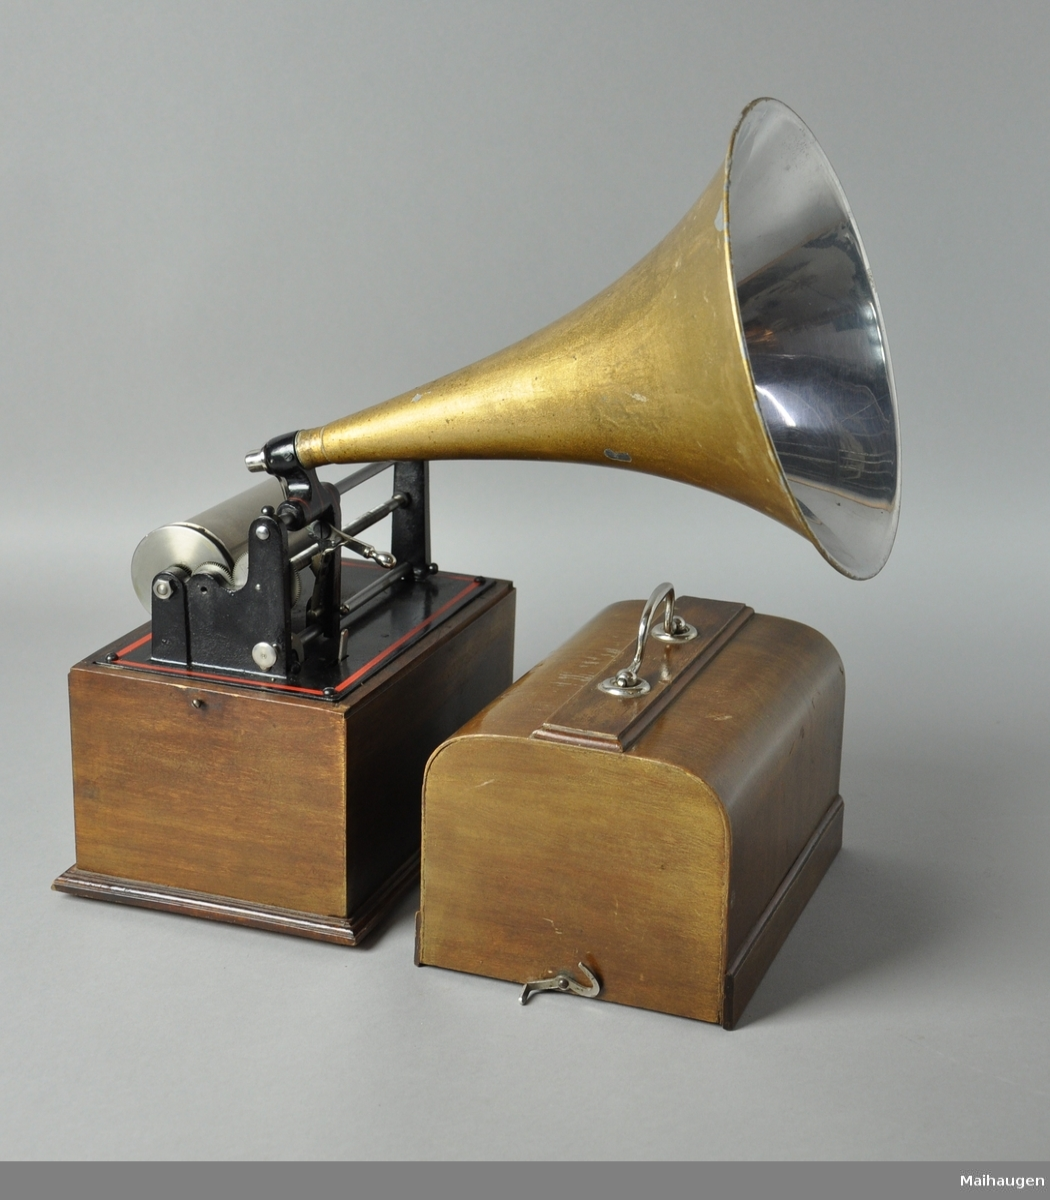 Fonograf bestående av tre deler: Fonograf, trakt og hette. Fonografen mangler sveiv.